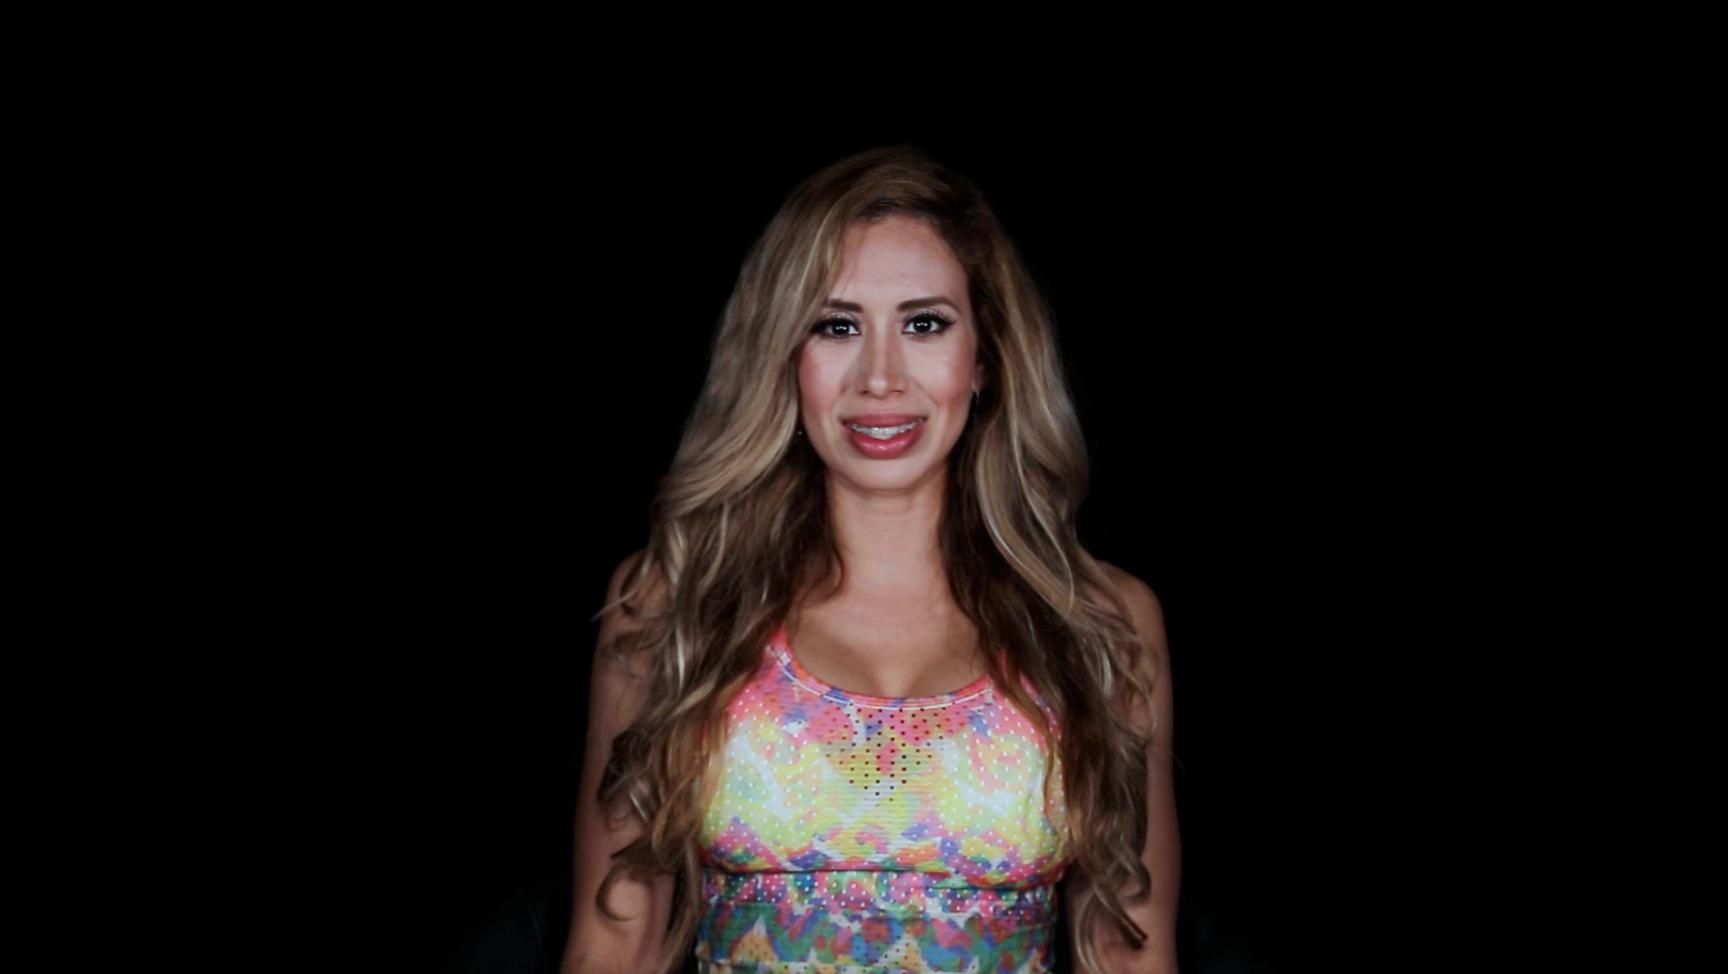 VERA ATILANO,31